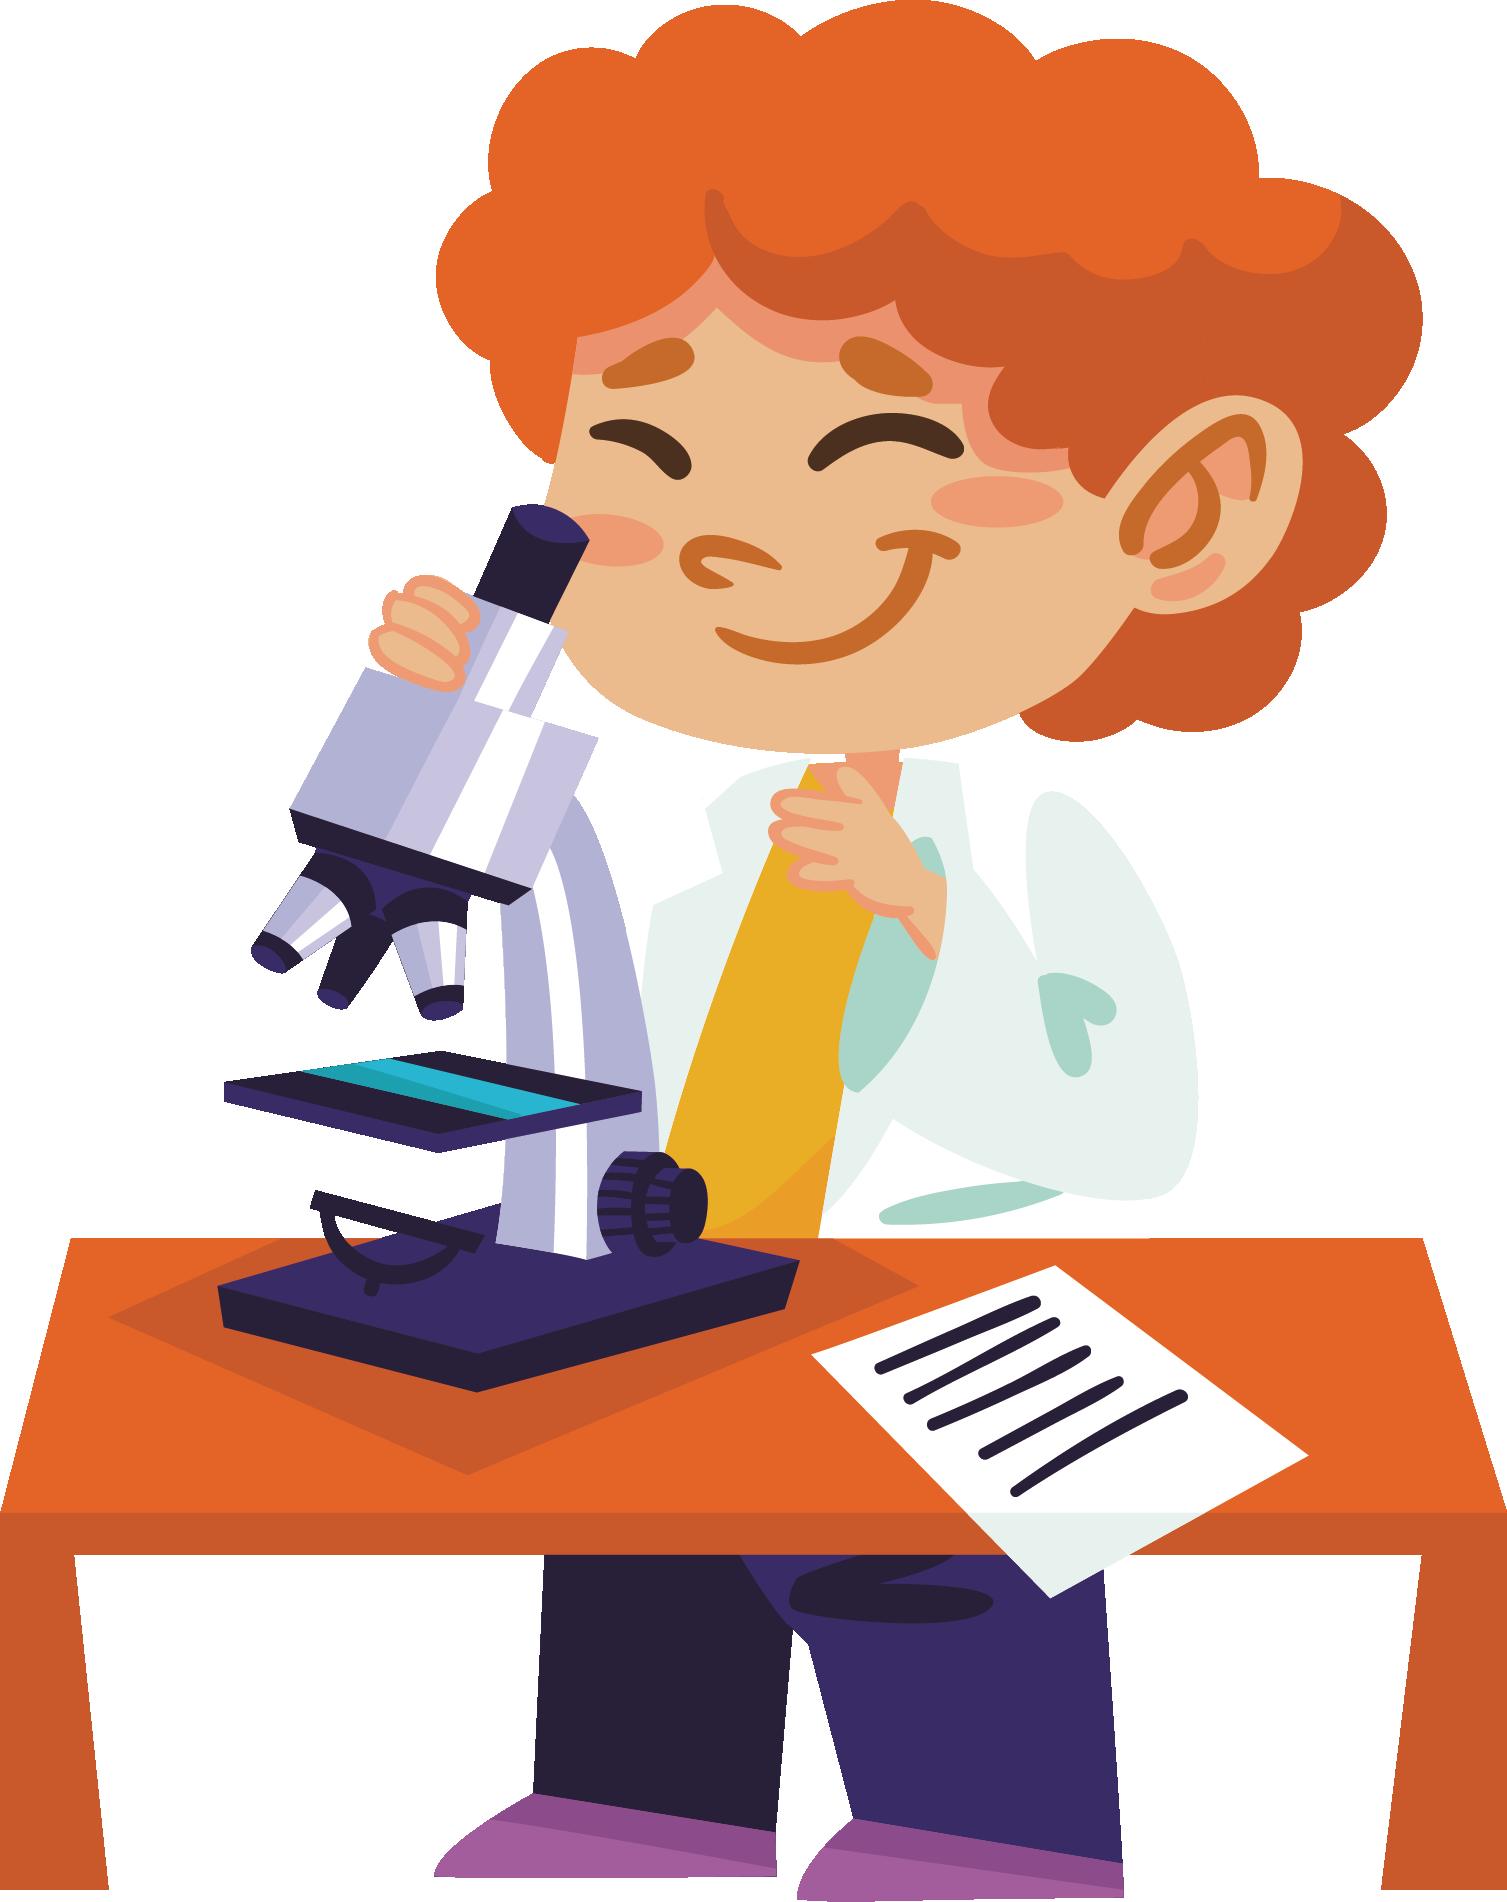 Scientist clipart science area. Experiment illustration scientific transprent